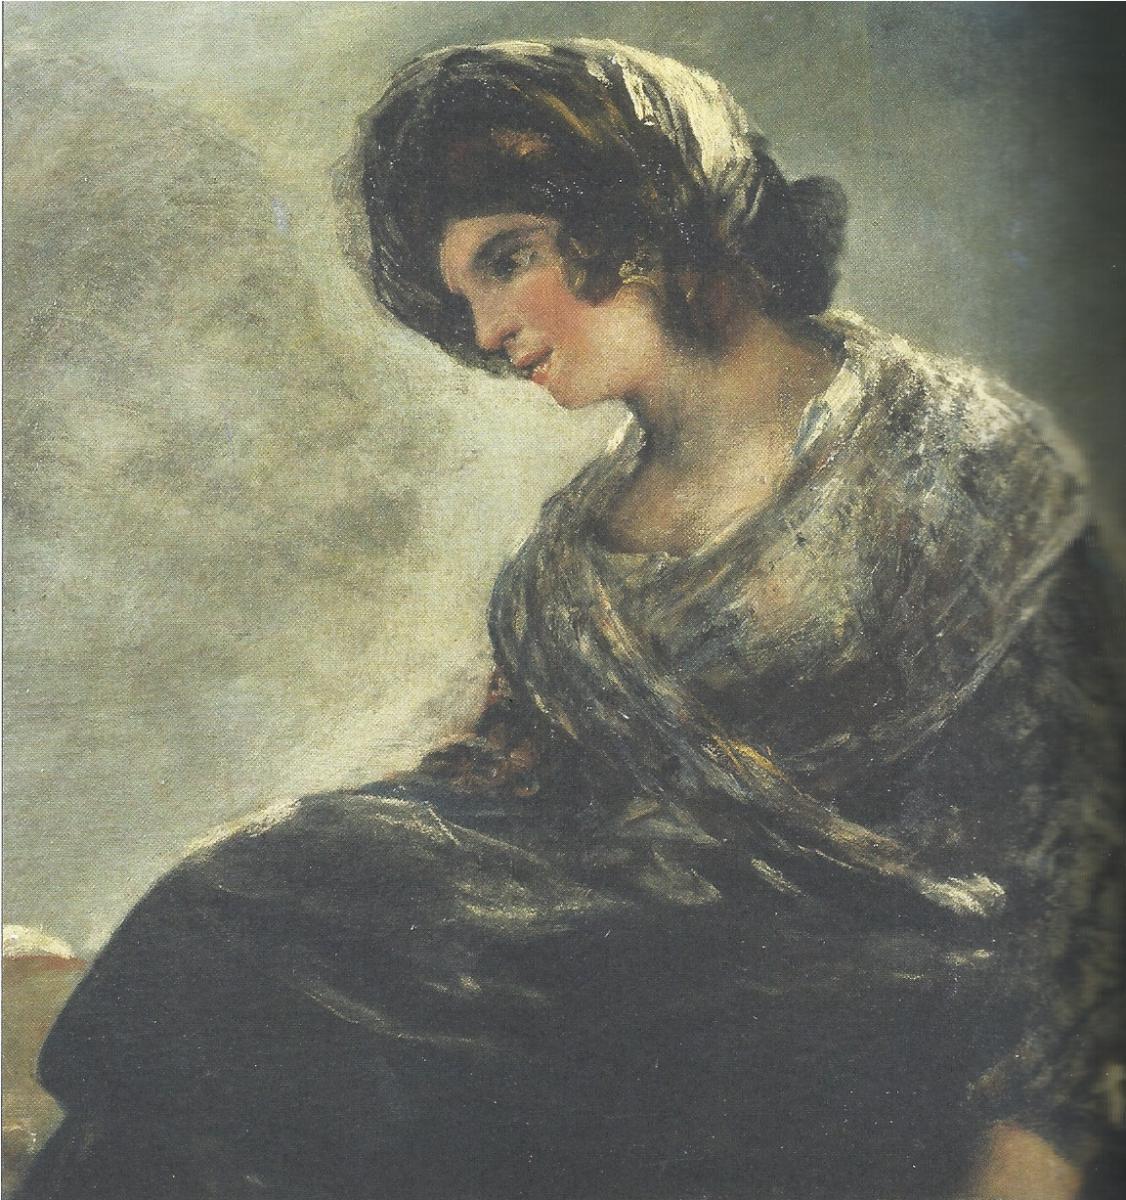 La laitière de Goya.jpg